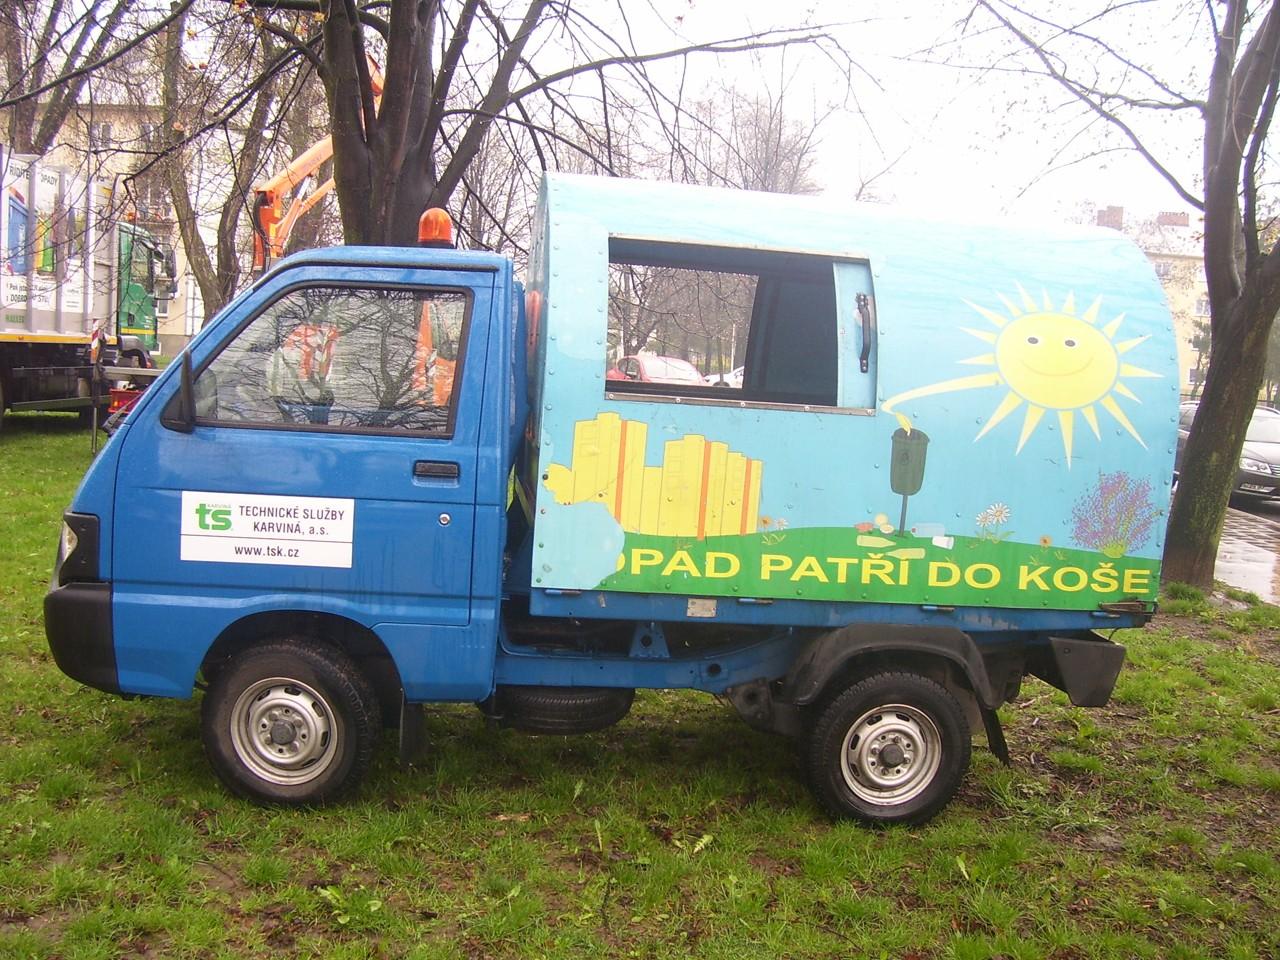 Vozidlo pro svoz odpadkových košů